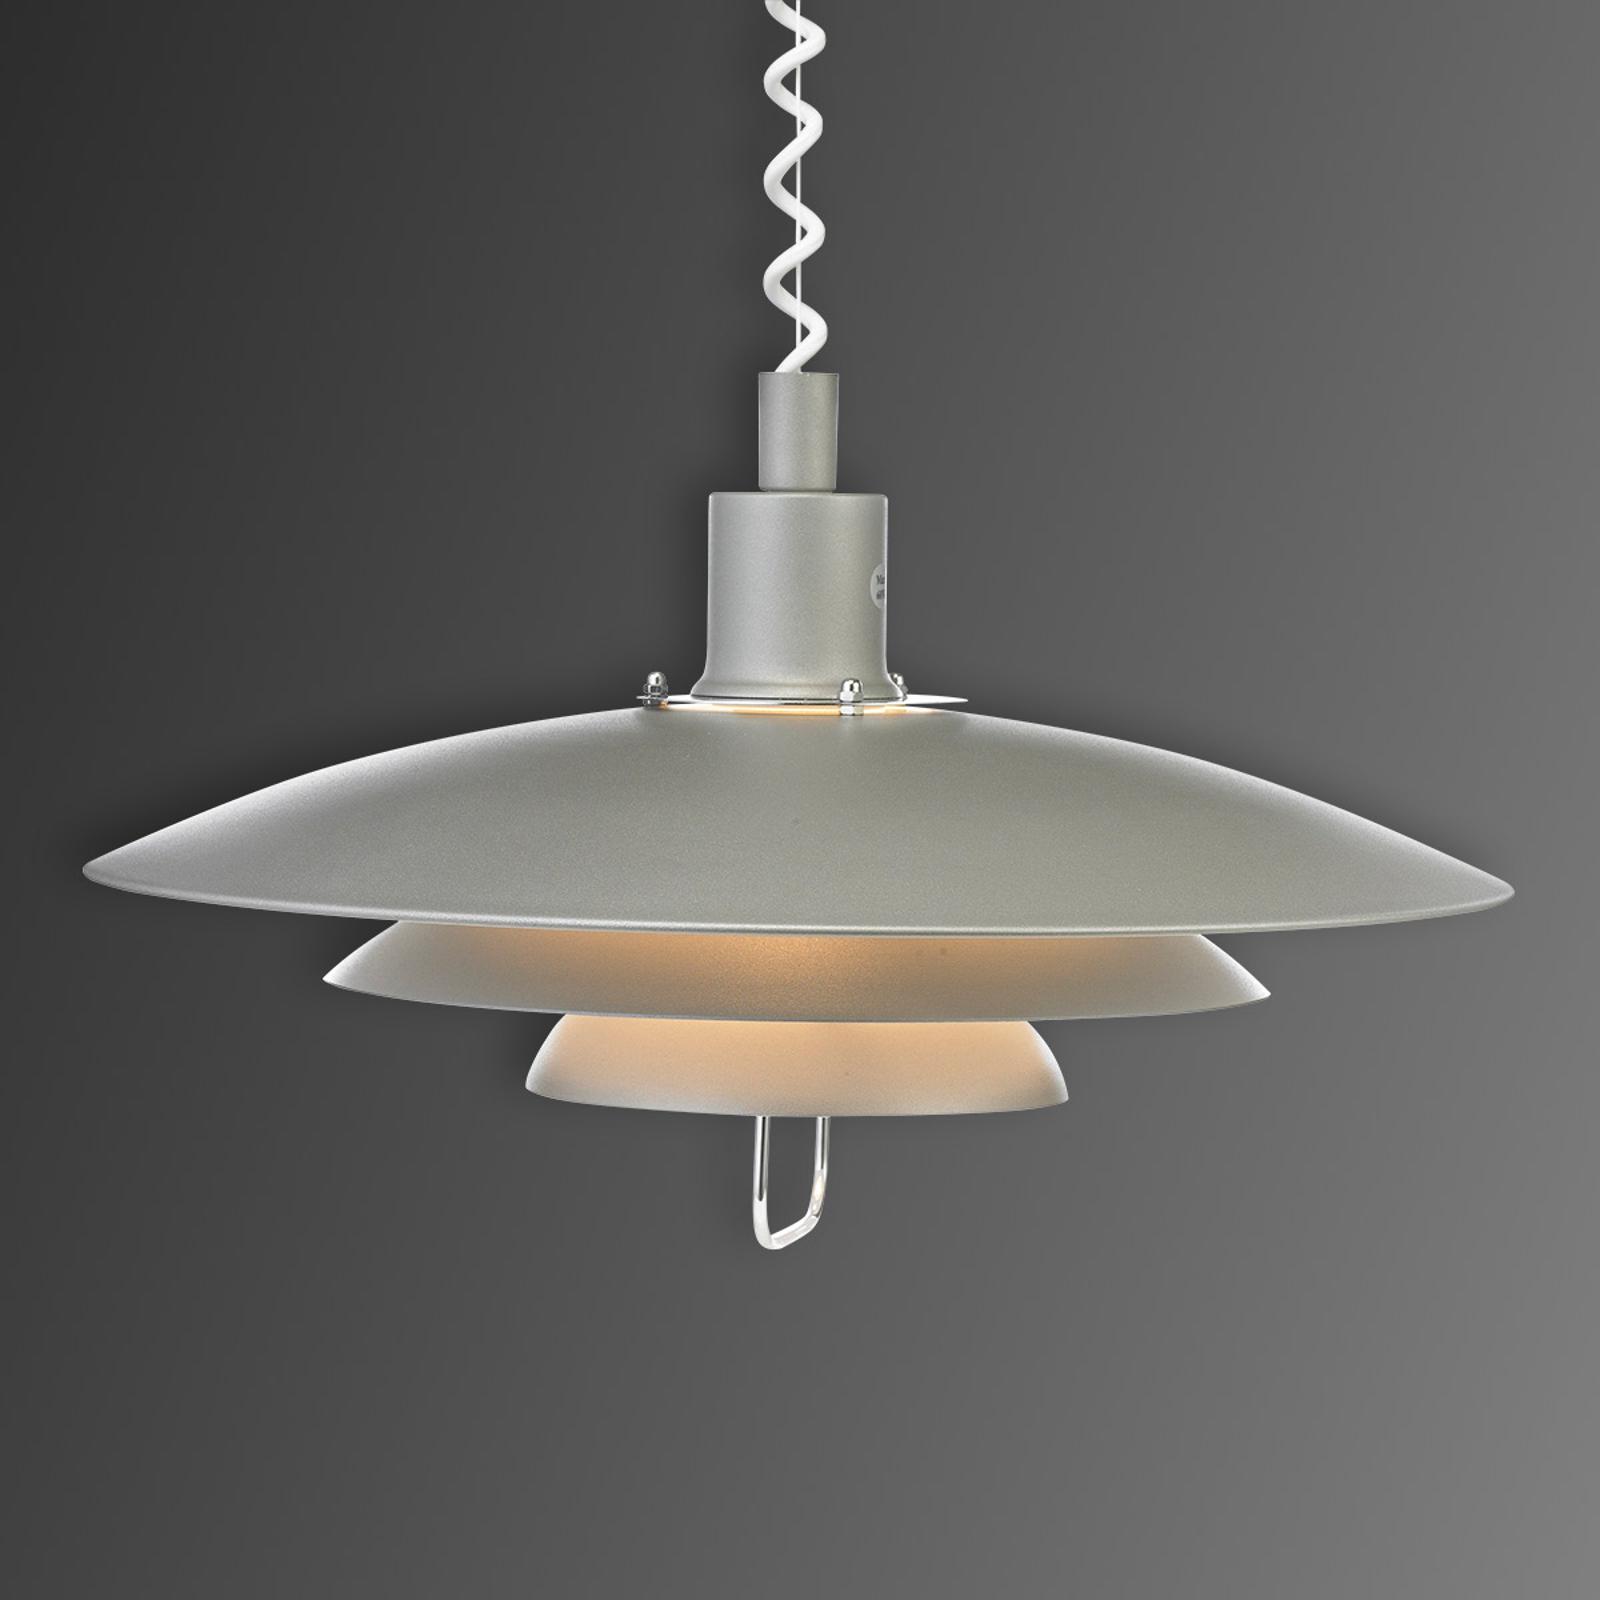 Grijze hanglamp Kirkenes met trekkoord